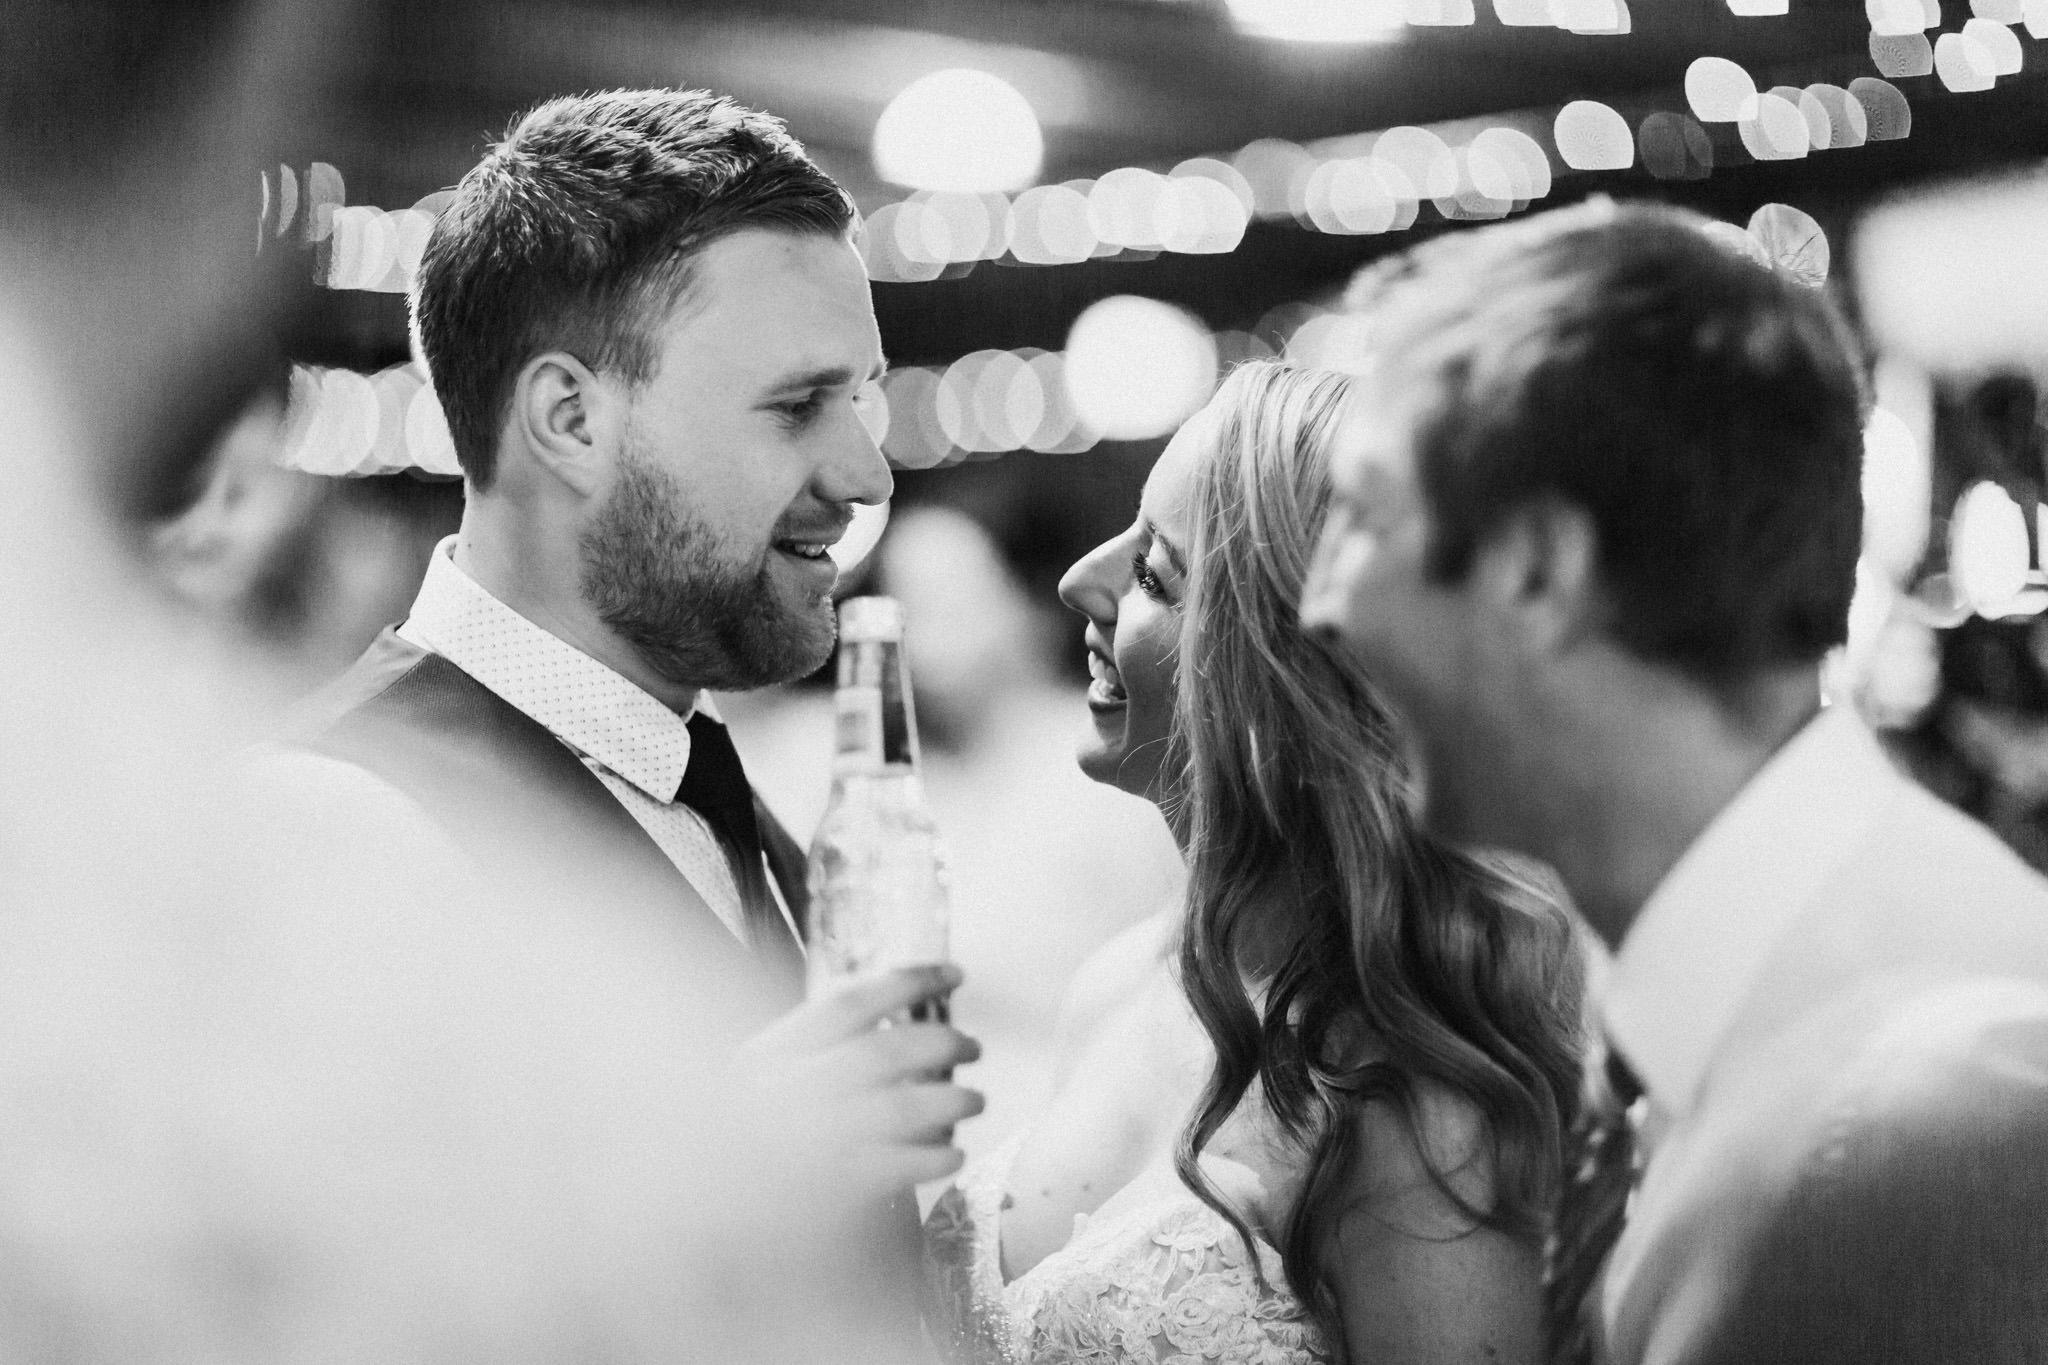 WeddingPhotos_Facebook_2048pixels-1144.jpg